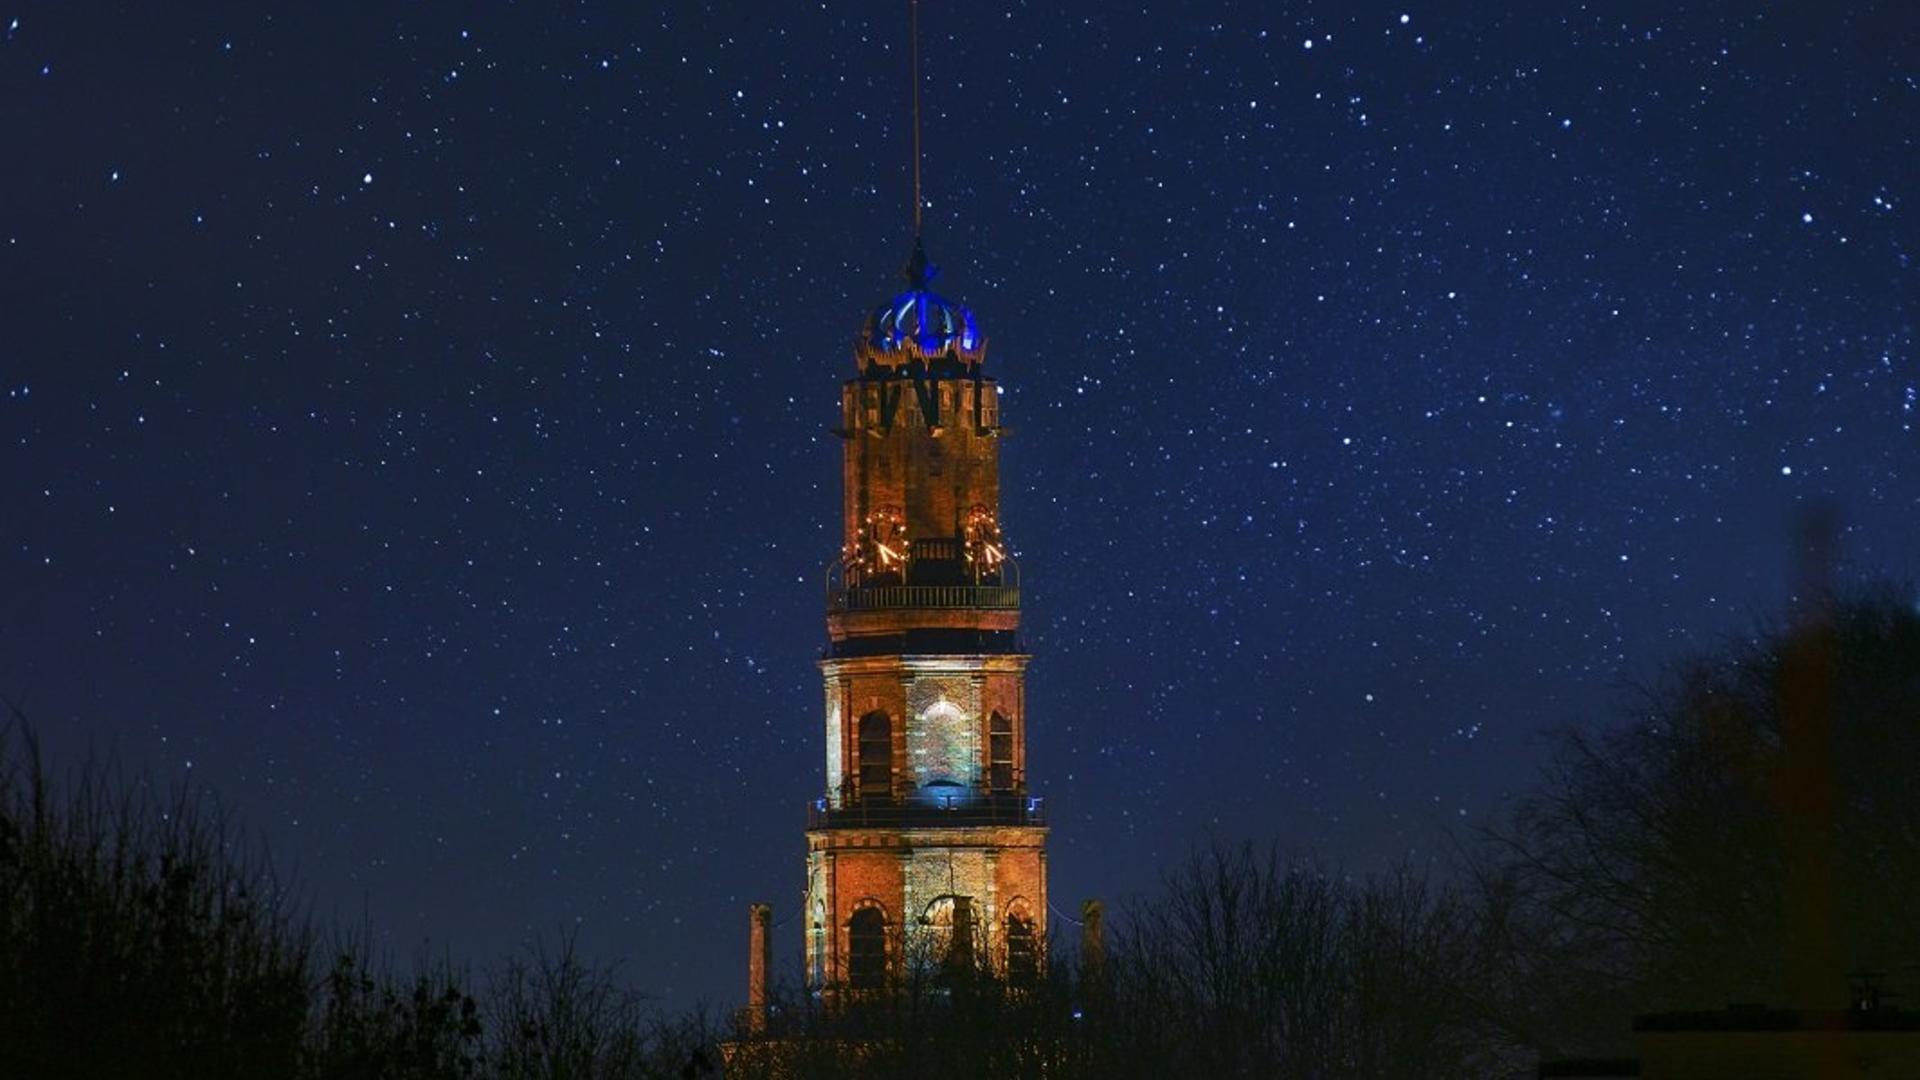 oude-nicolaaskerk-uitgelicht-mohammad-bakhash-low-res-1.jpg